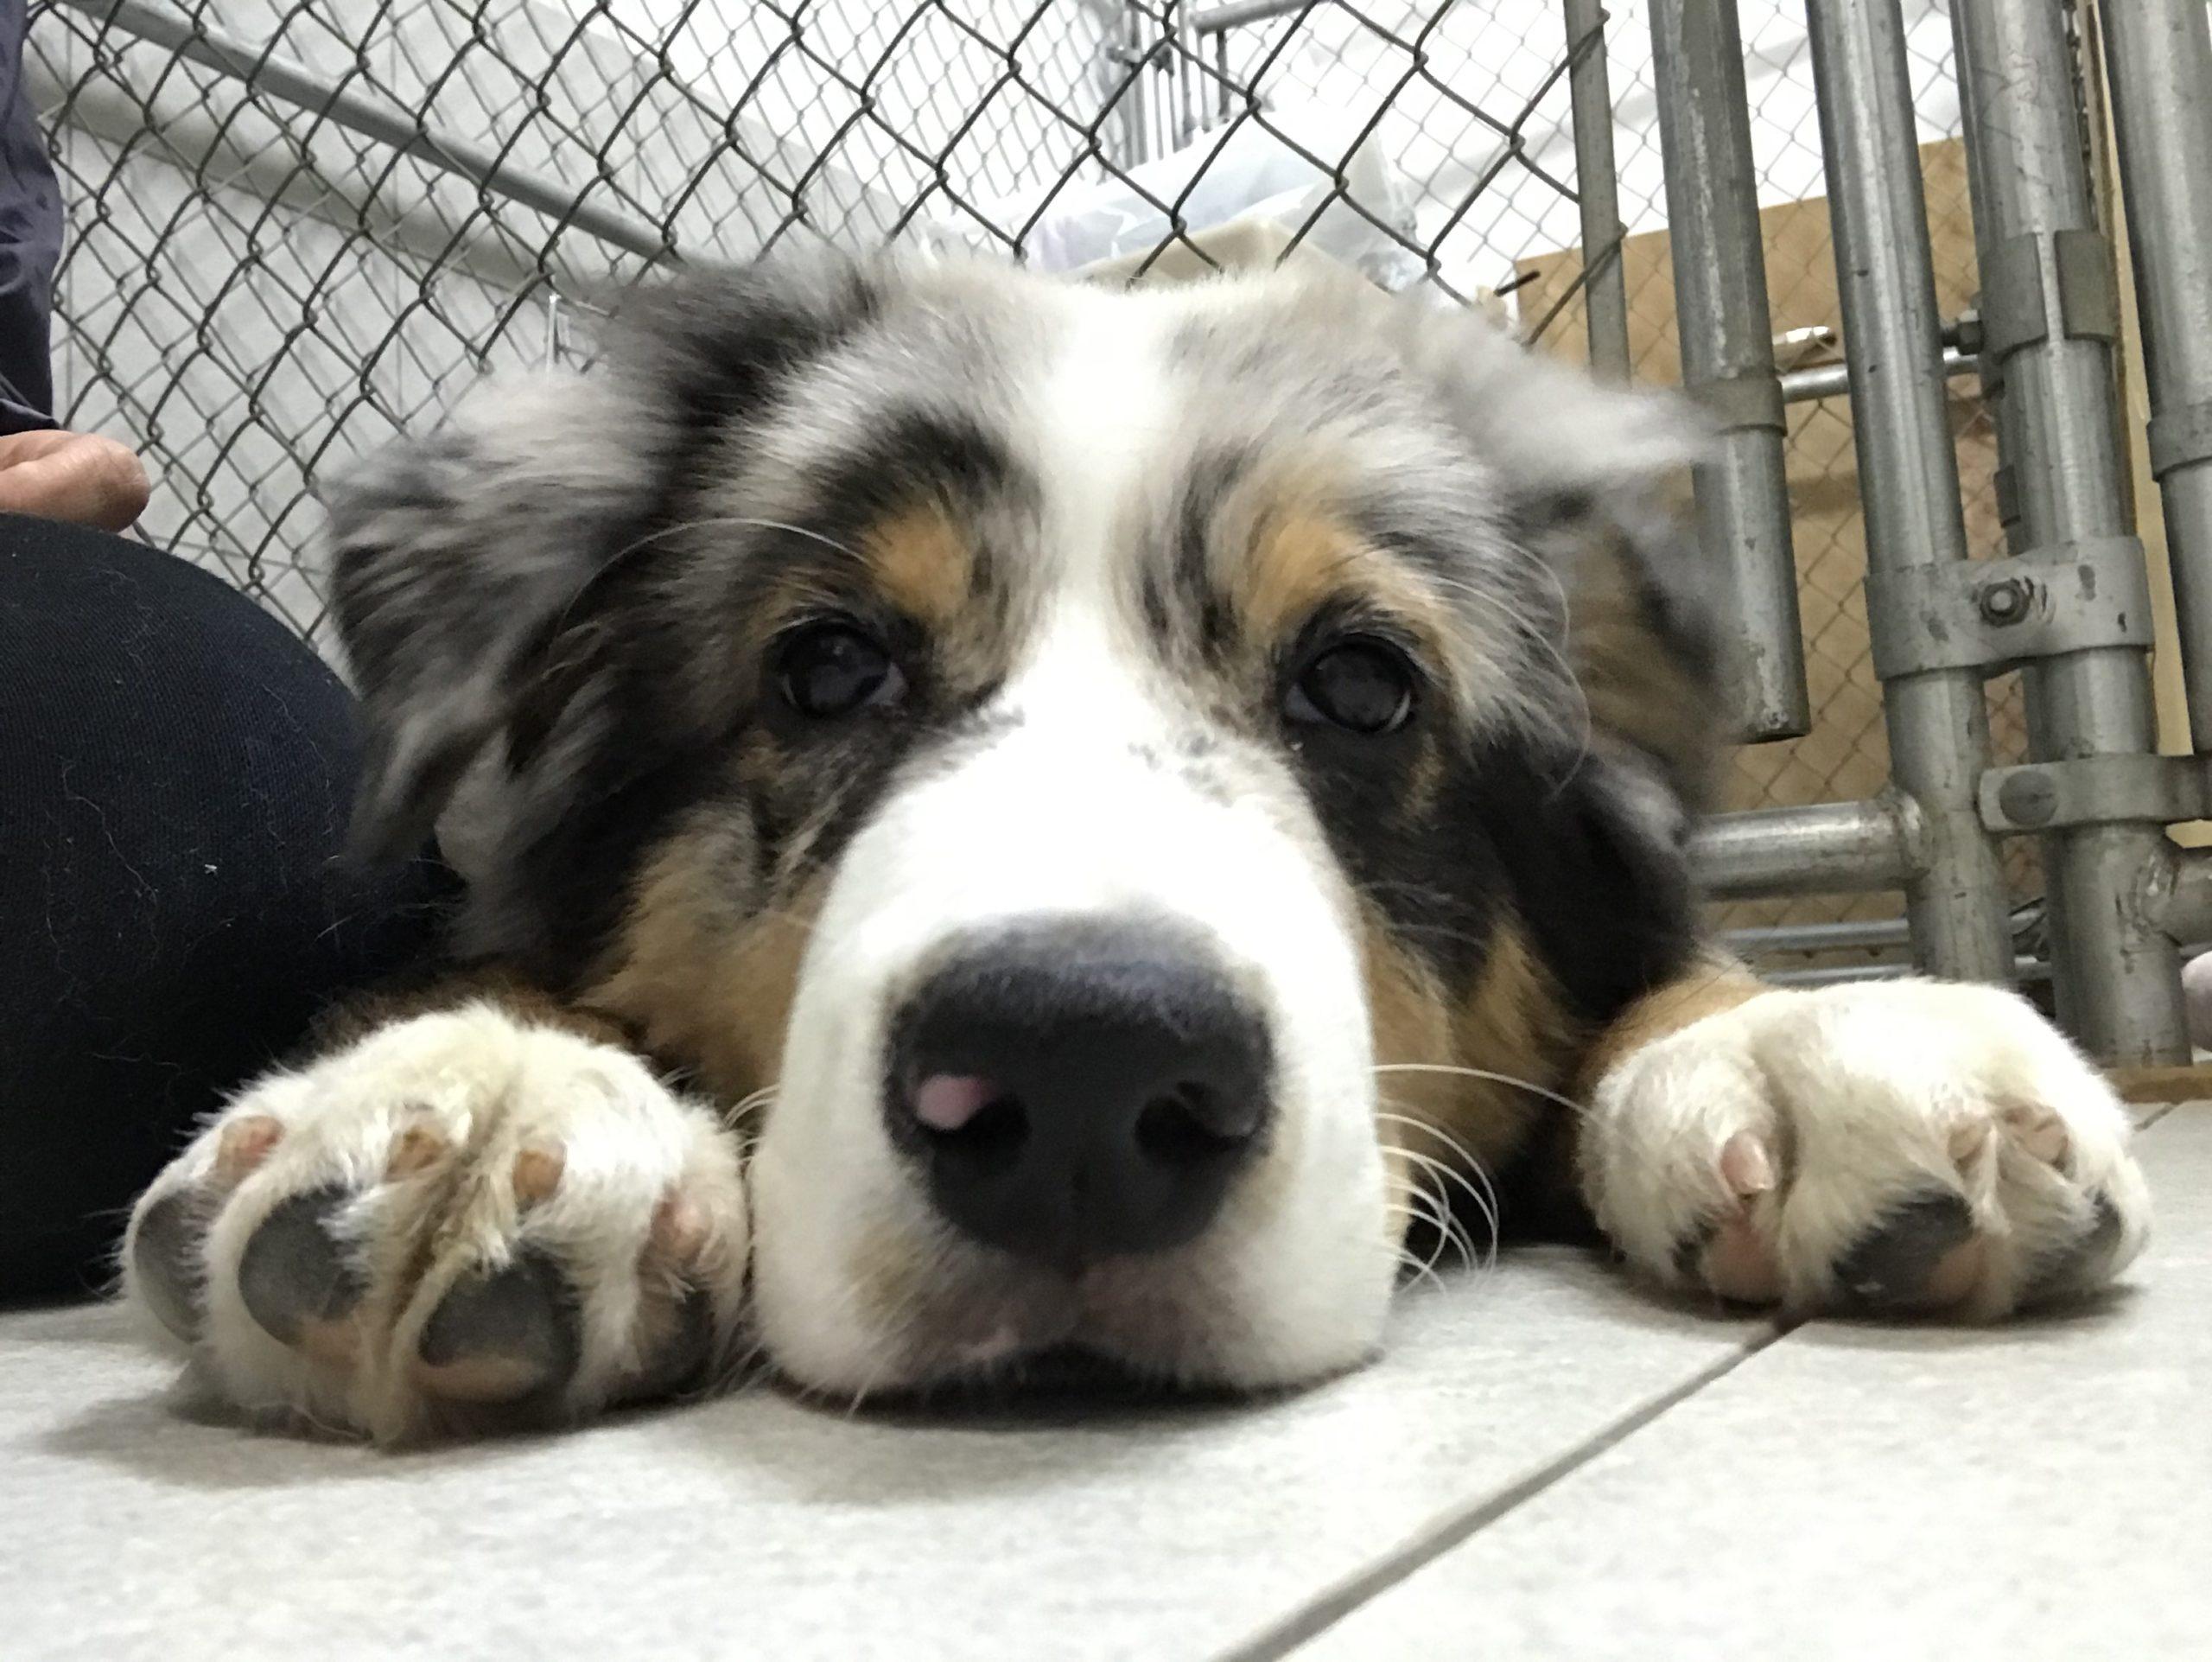 問題を抱える犬にとっての本当の「かわいそう」とは?【2】